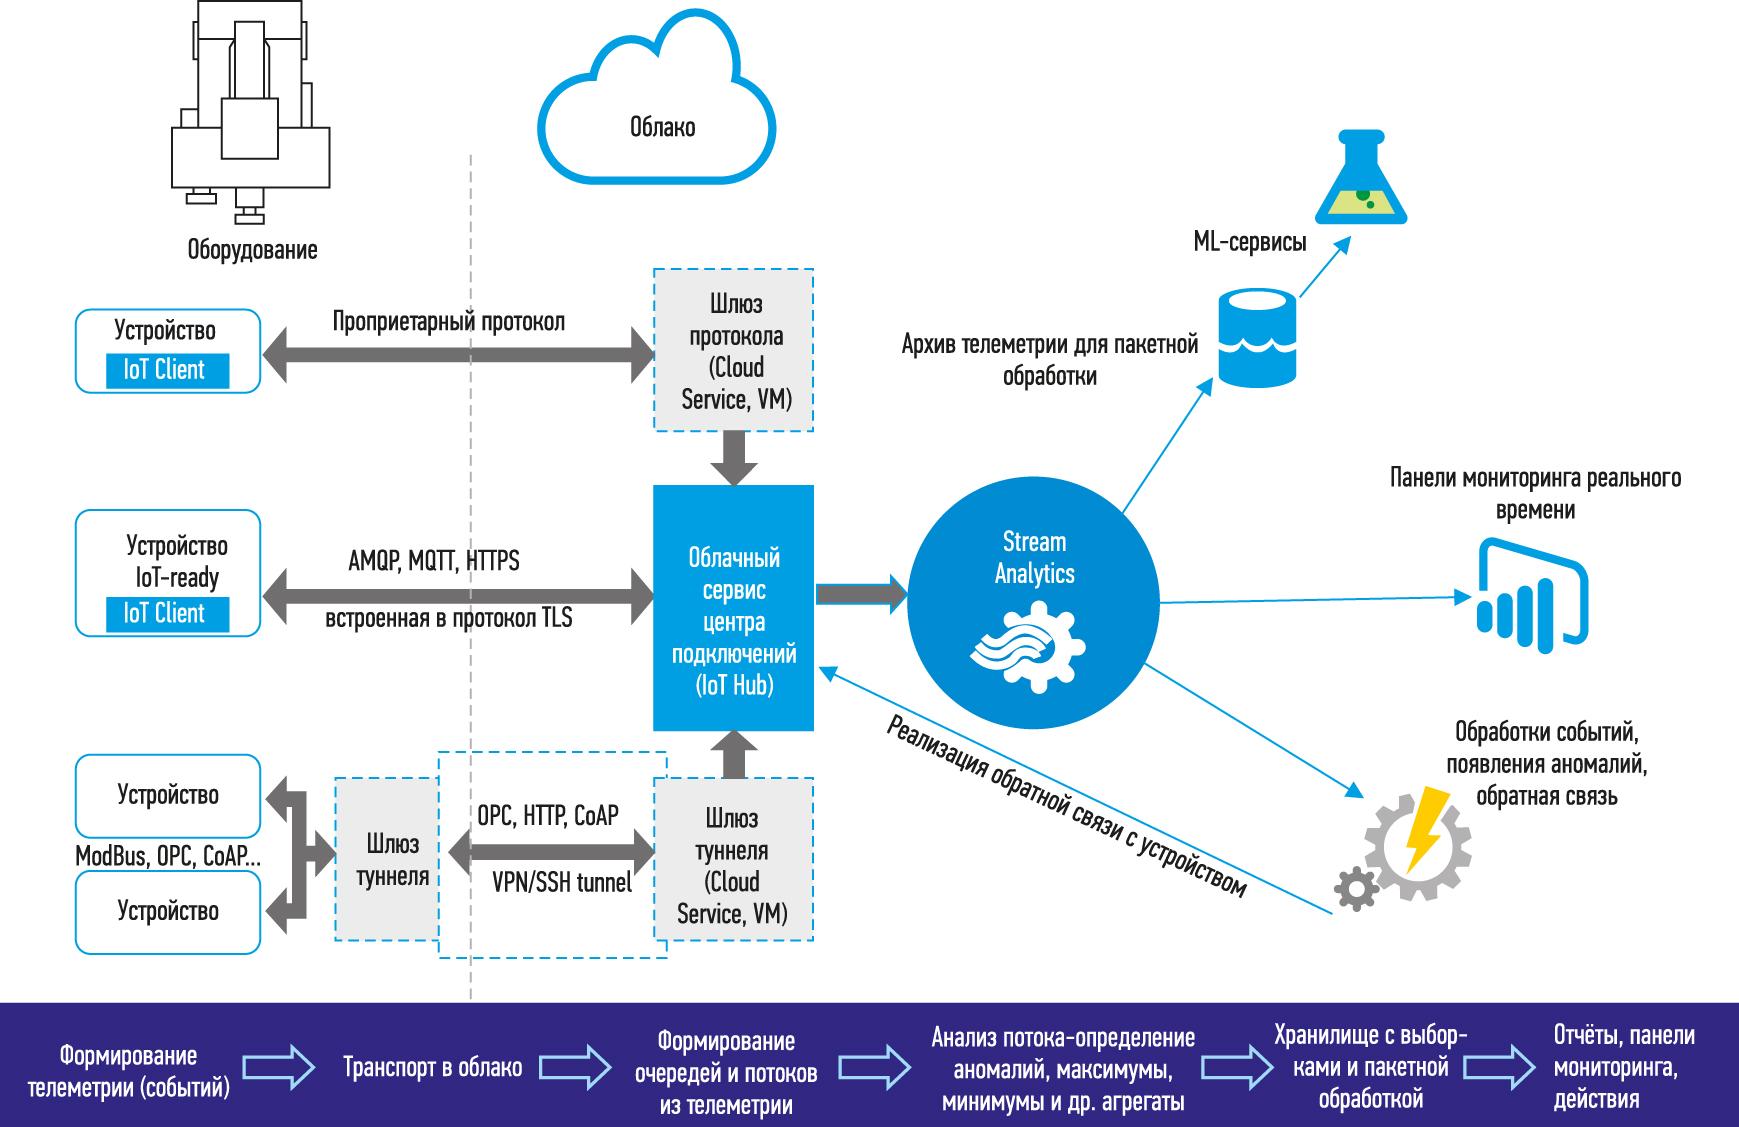 Архитектура системы поиска аномалий с использованием облачной службы Azure Stream Analytics